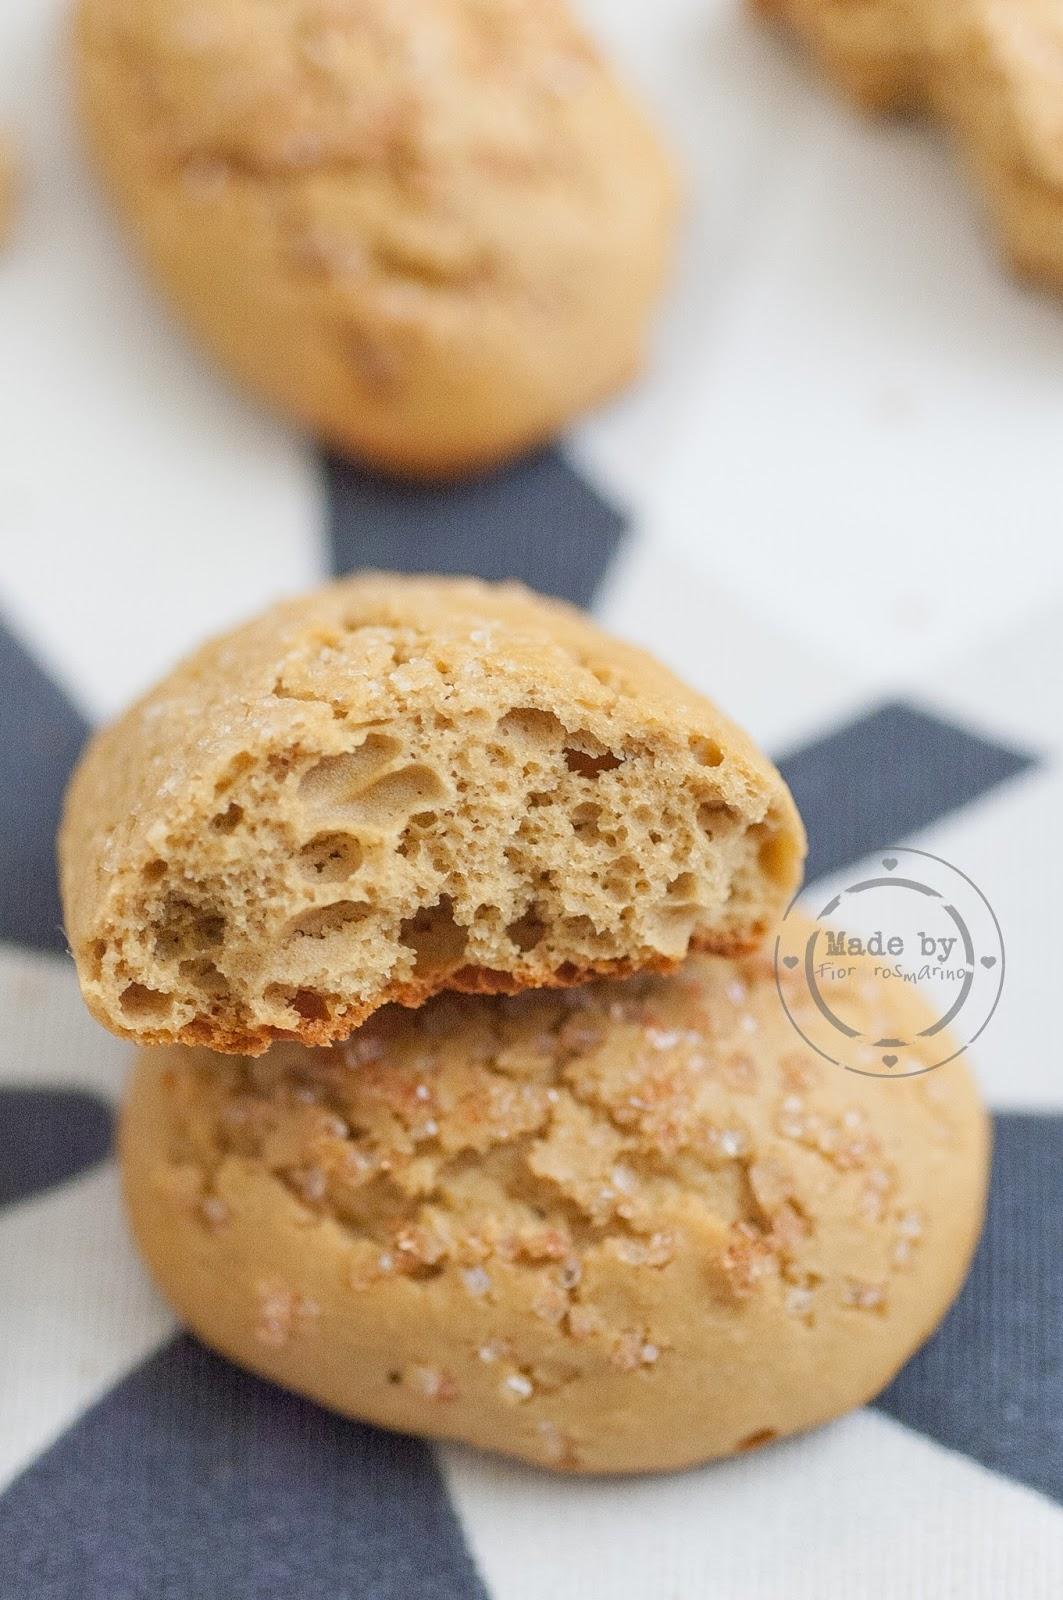 Amato Biscotti al farro e mais con zucchero di canna - Cucina Italiana  BP55